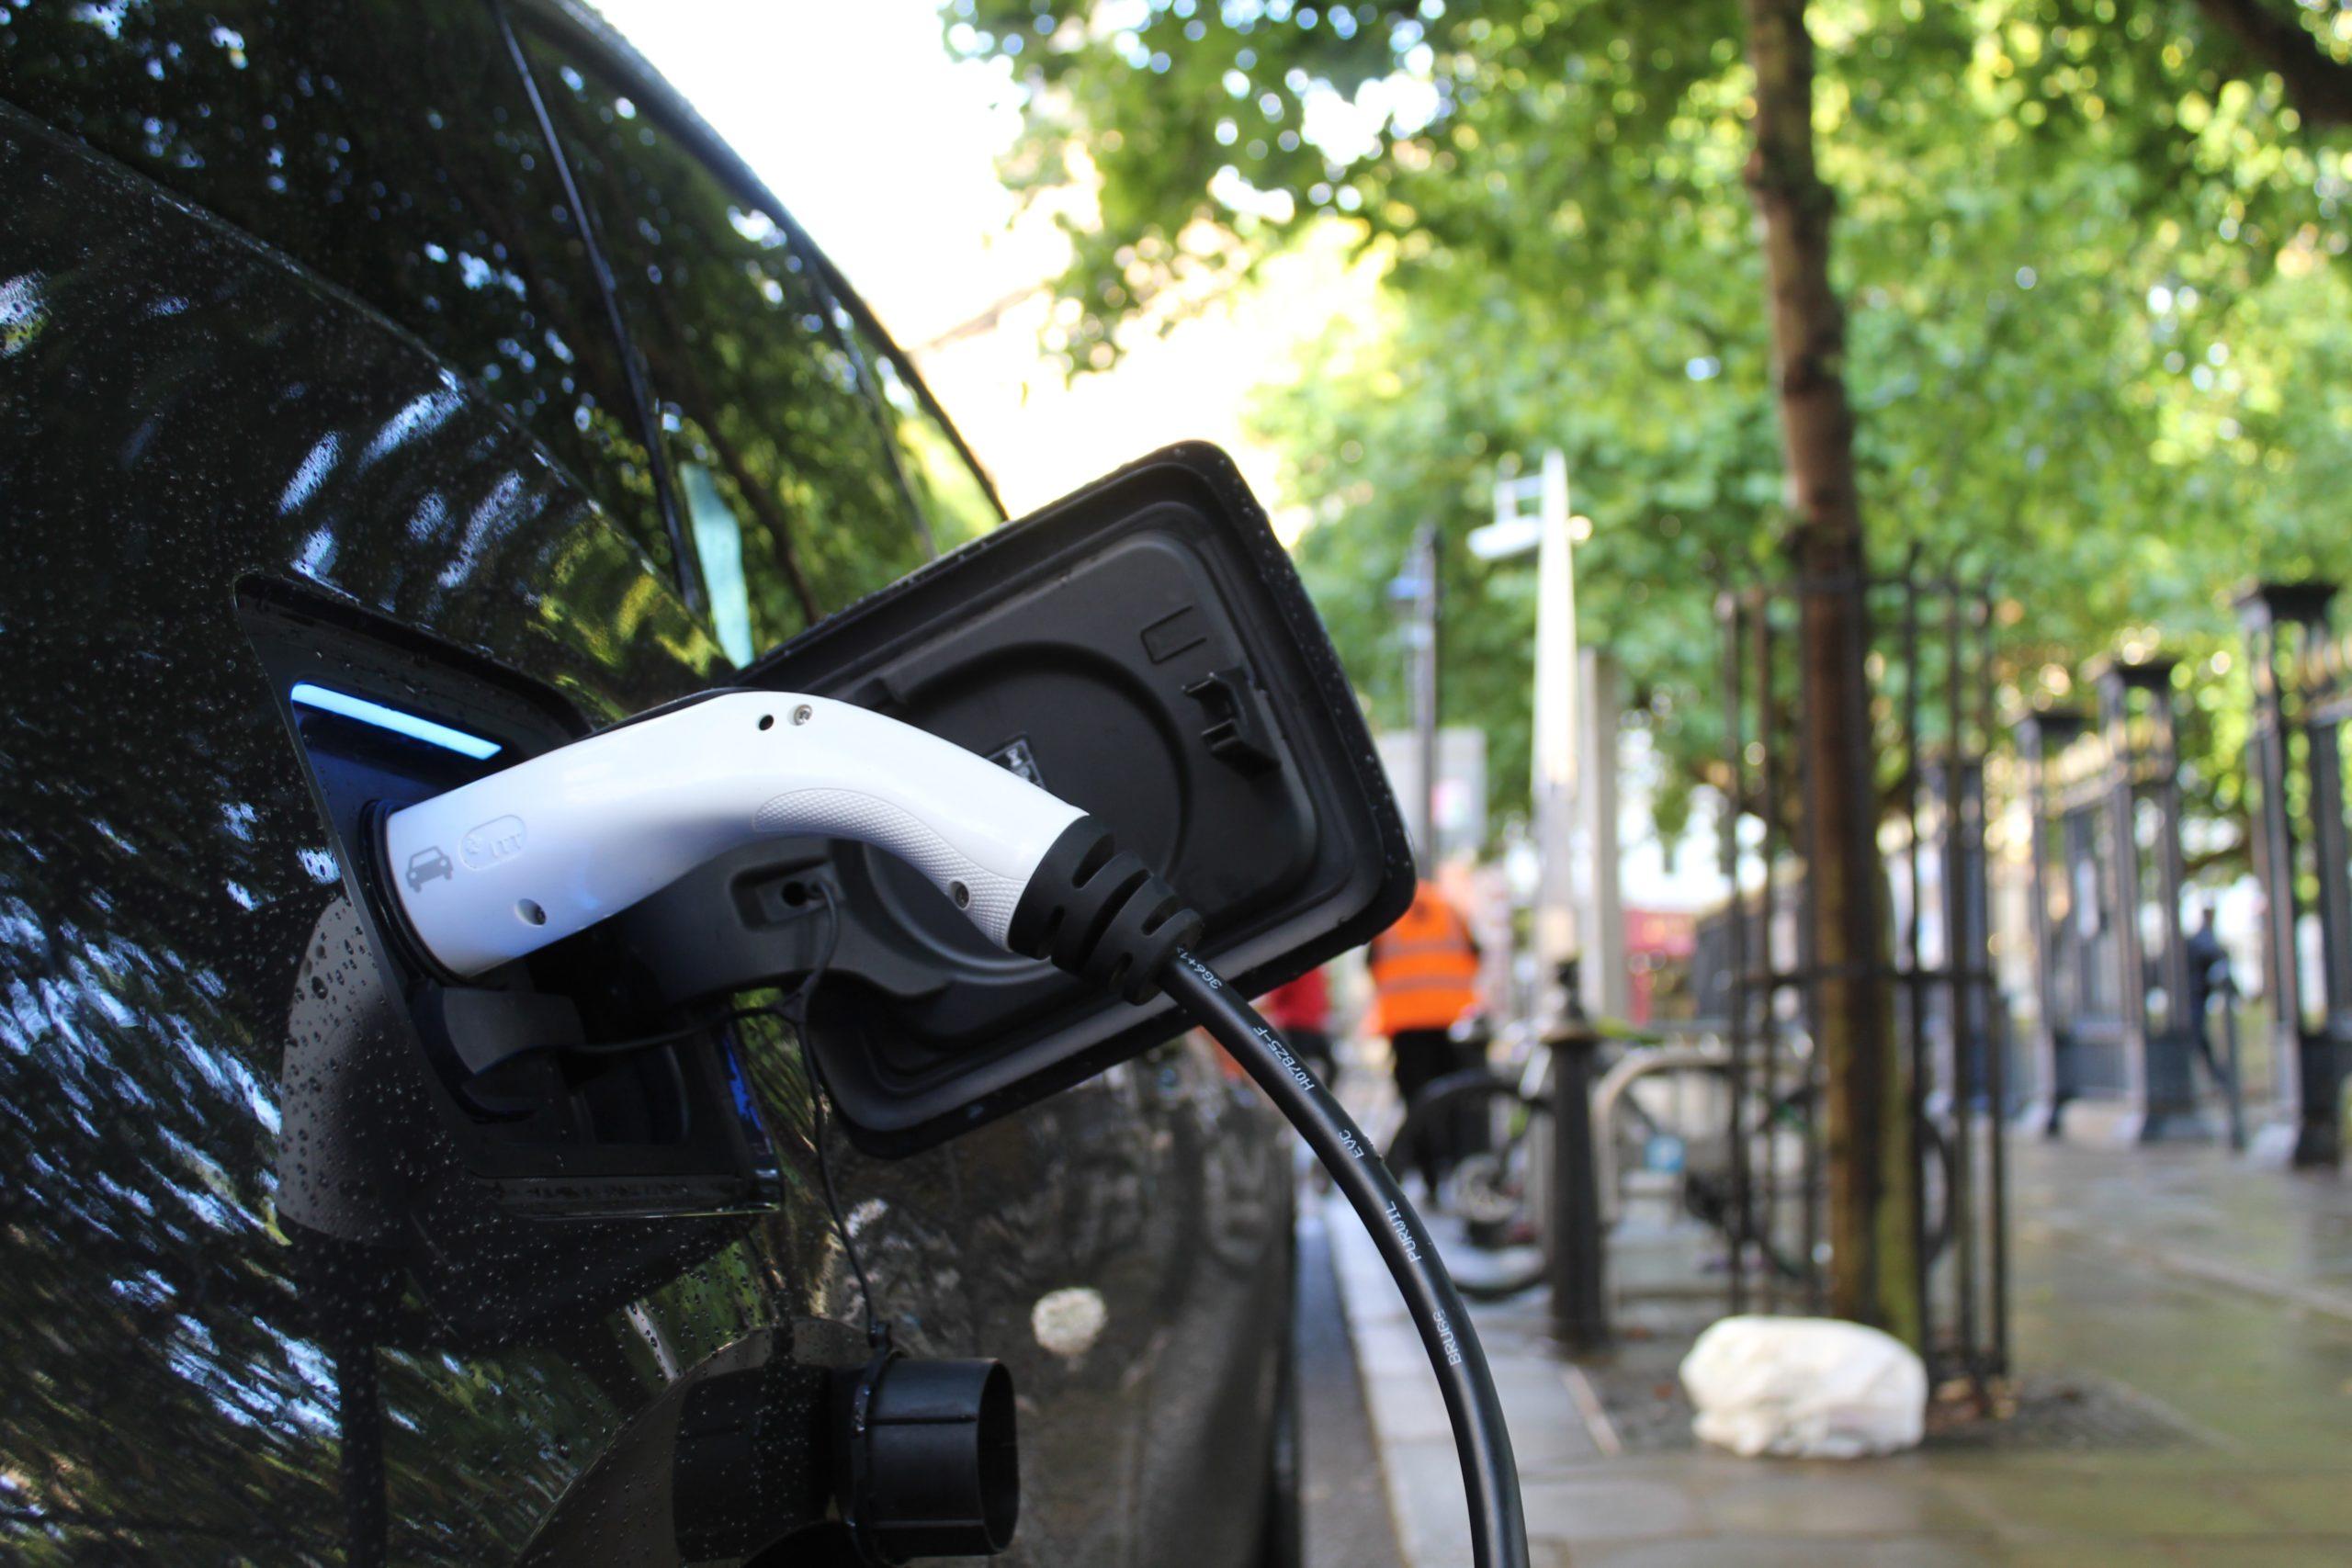 3e appel à projets BENEFIC pour un transport zéro émissions :  Bruxelles et la Flandre unissent leurs forces pour installer des bornes de recharge pour véhicules électriques et des points d'alimentation à quai